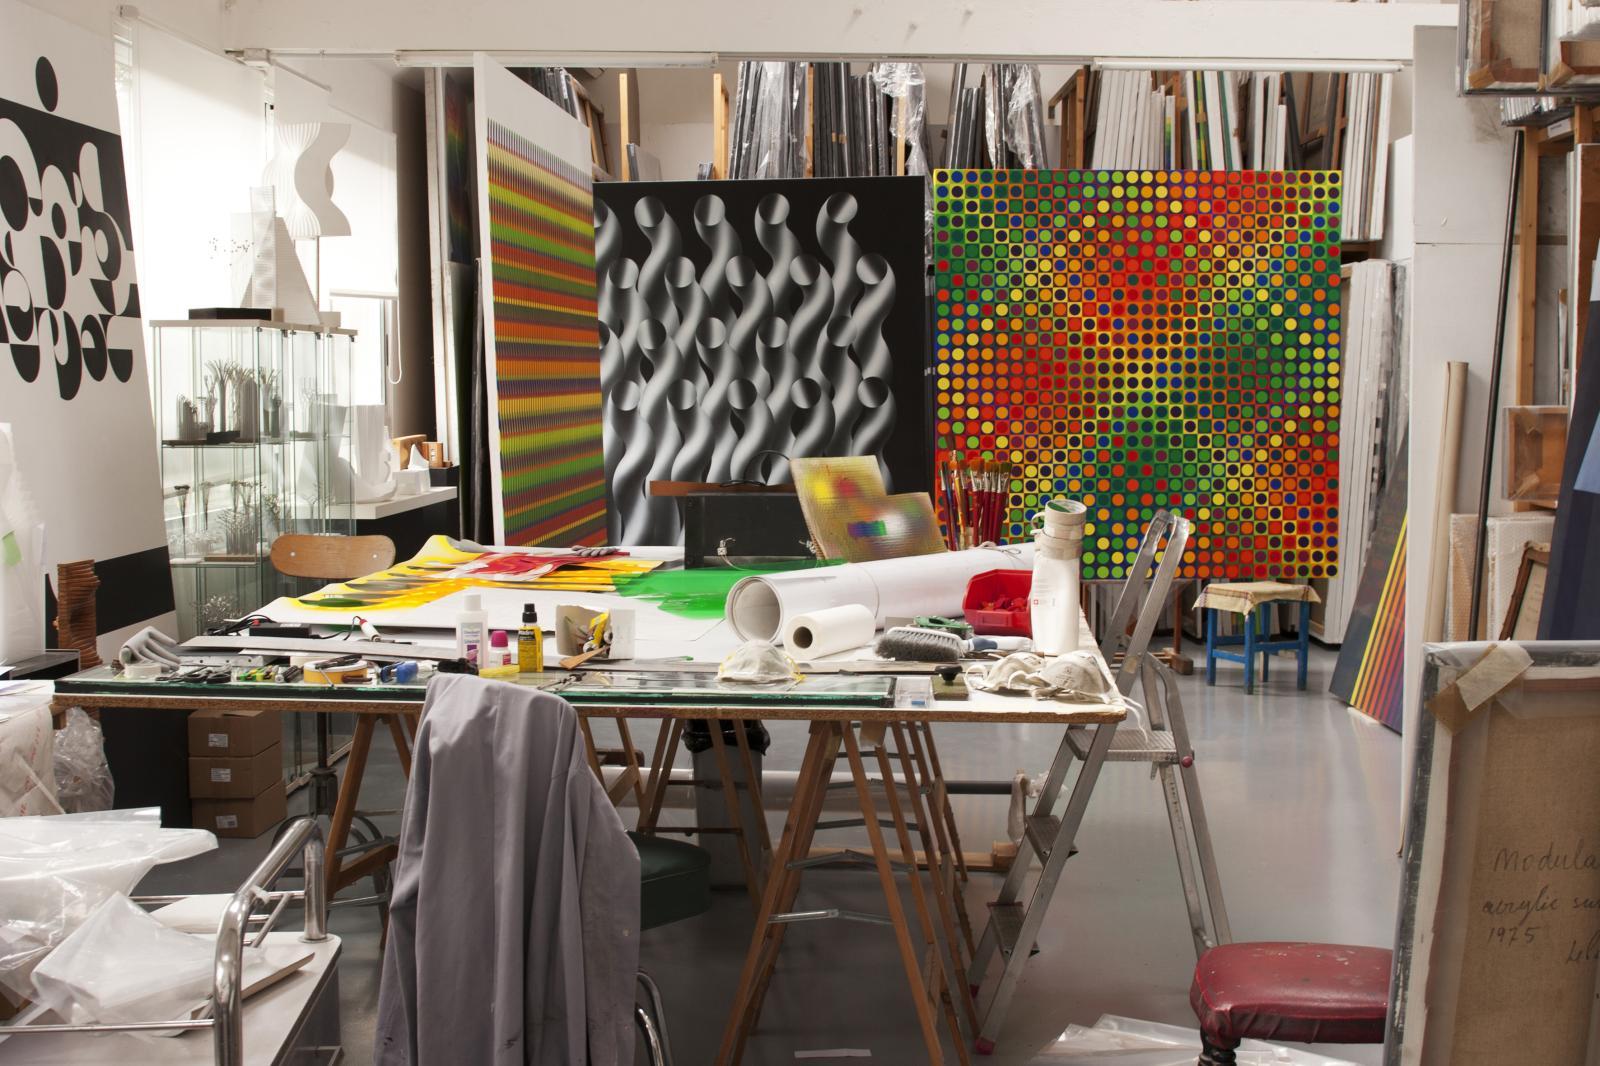 vues de l'atelier de l'artiste. Courtesy Julio Le Parc/Atelier LeParc